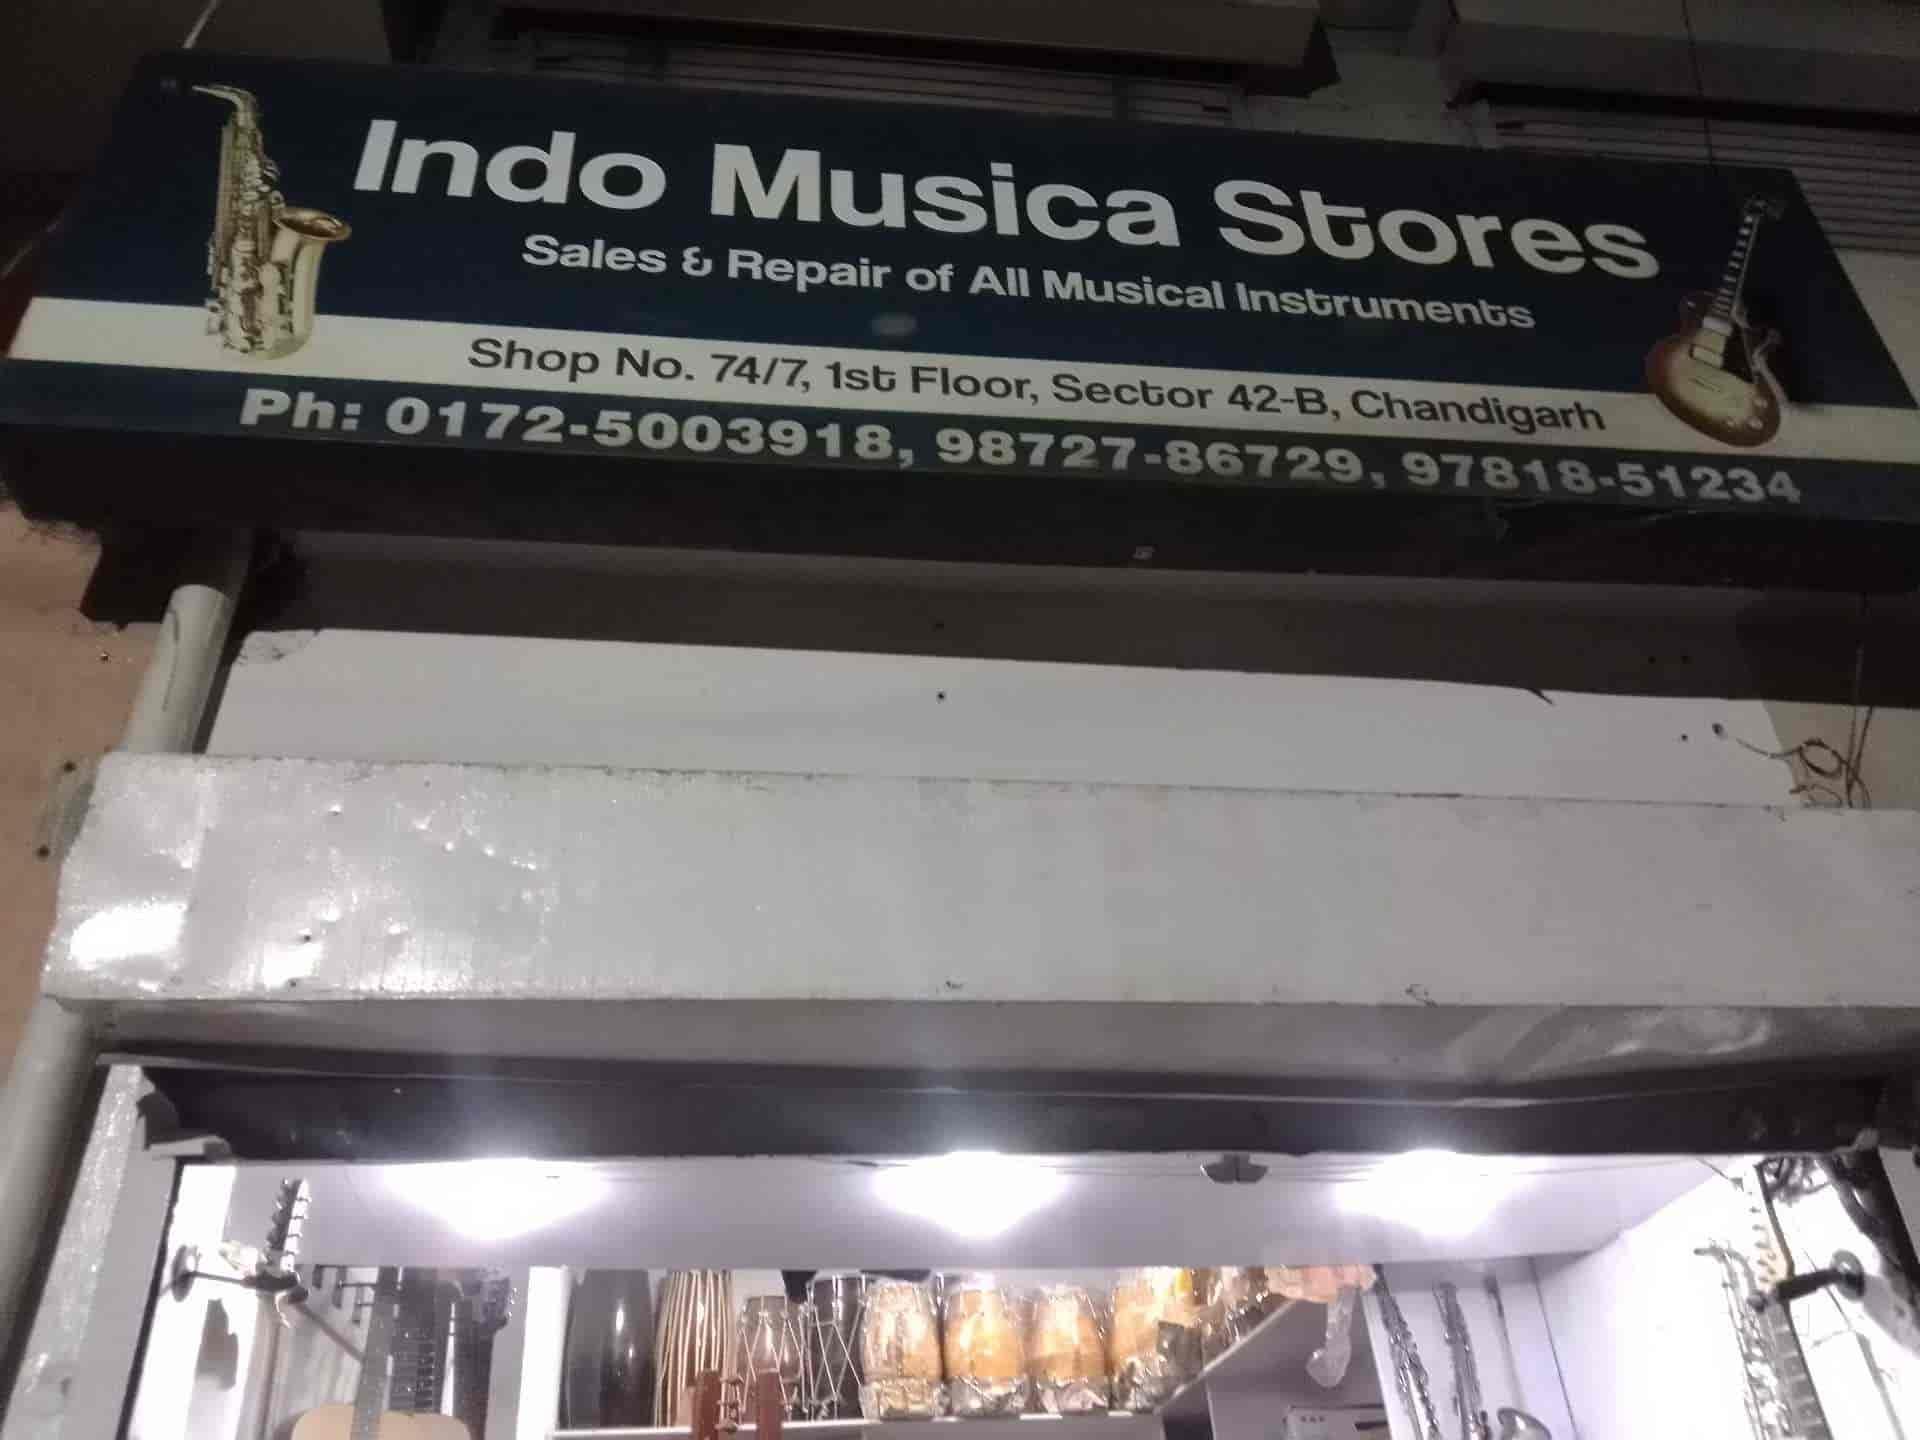 Indo Musica Stores